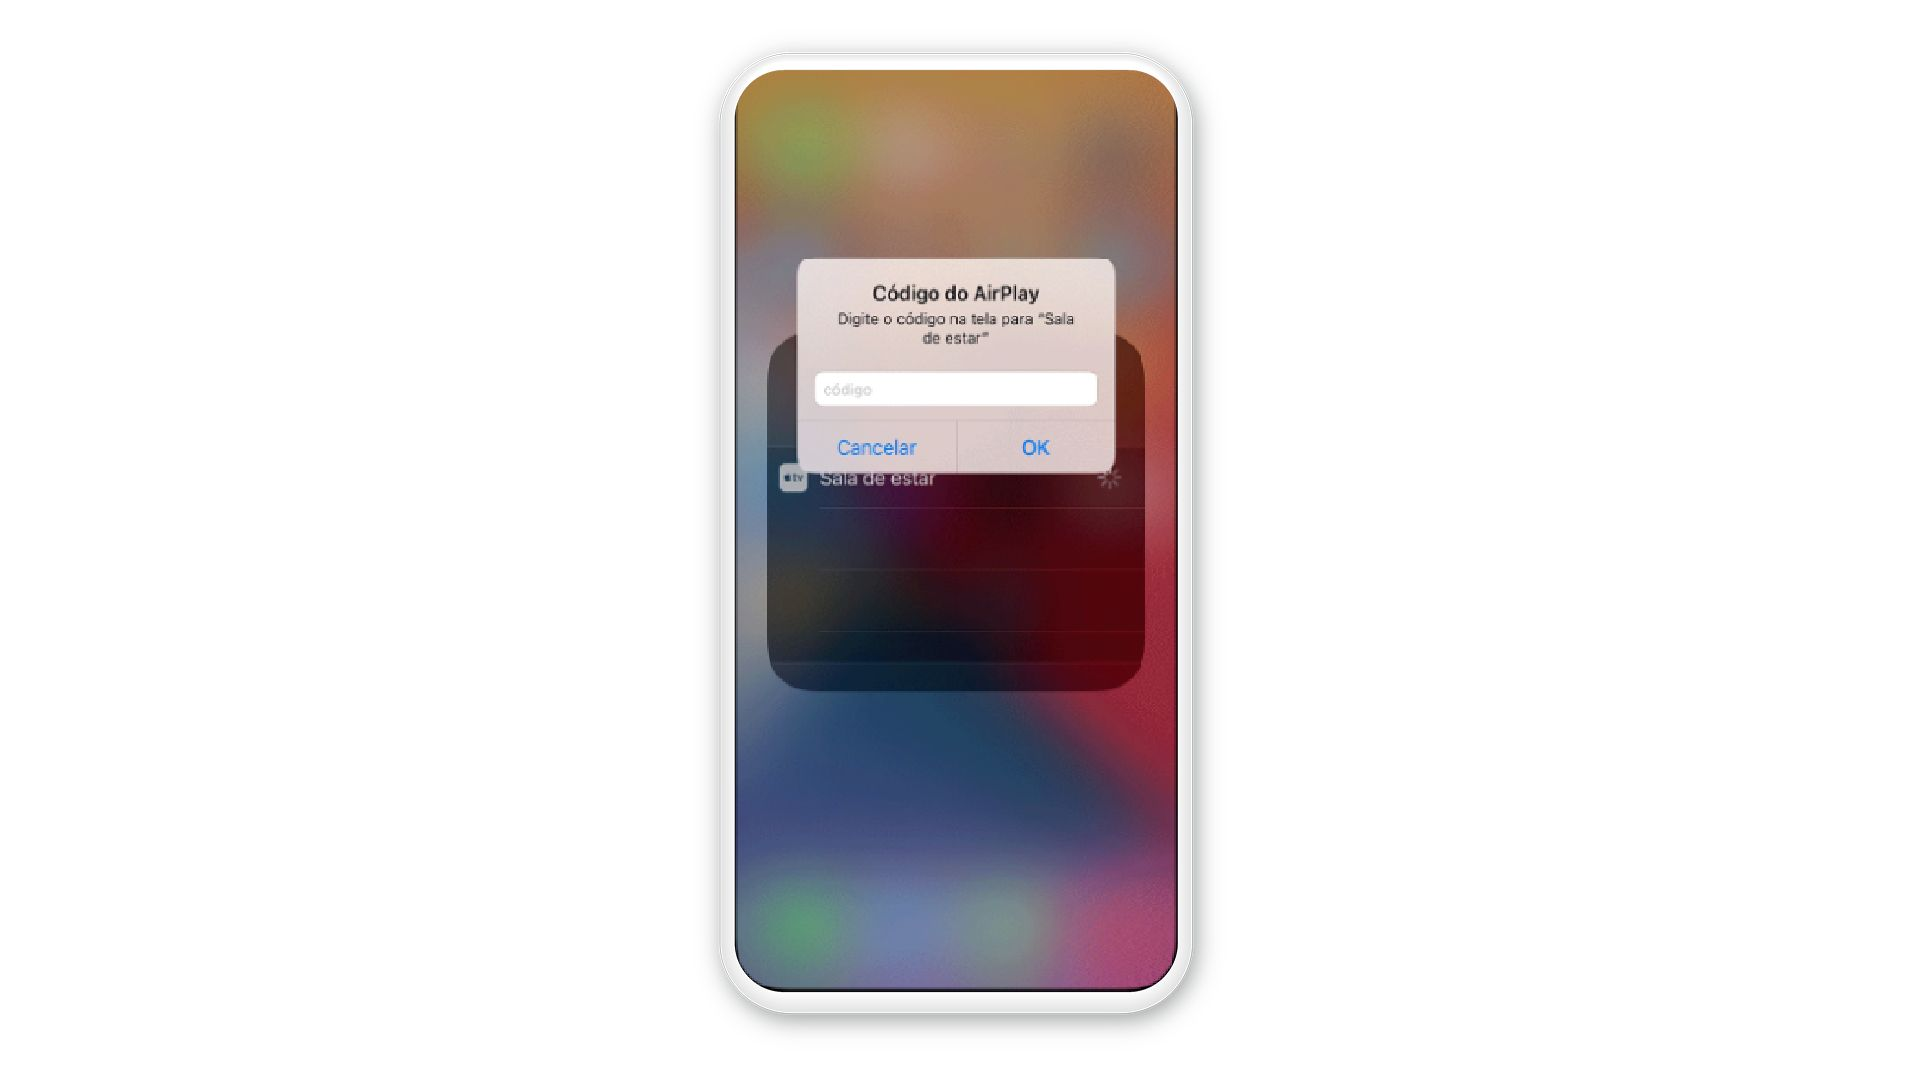 Alguns dispositivos podem solicitar um código de pareamento para espelhar a tela (Reprodução: Apple)